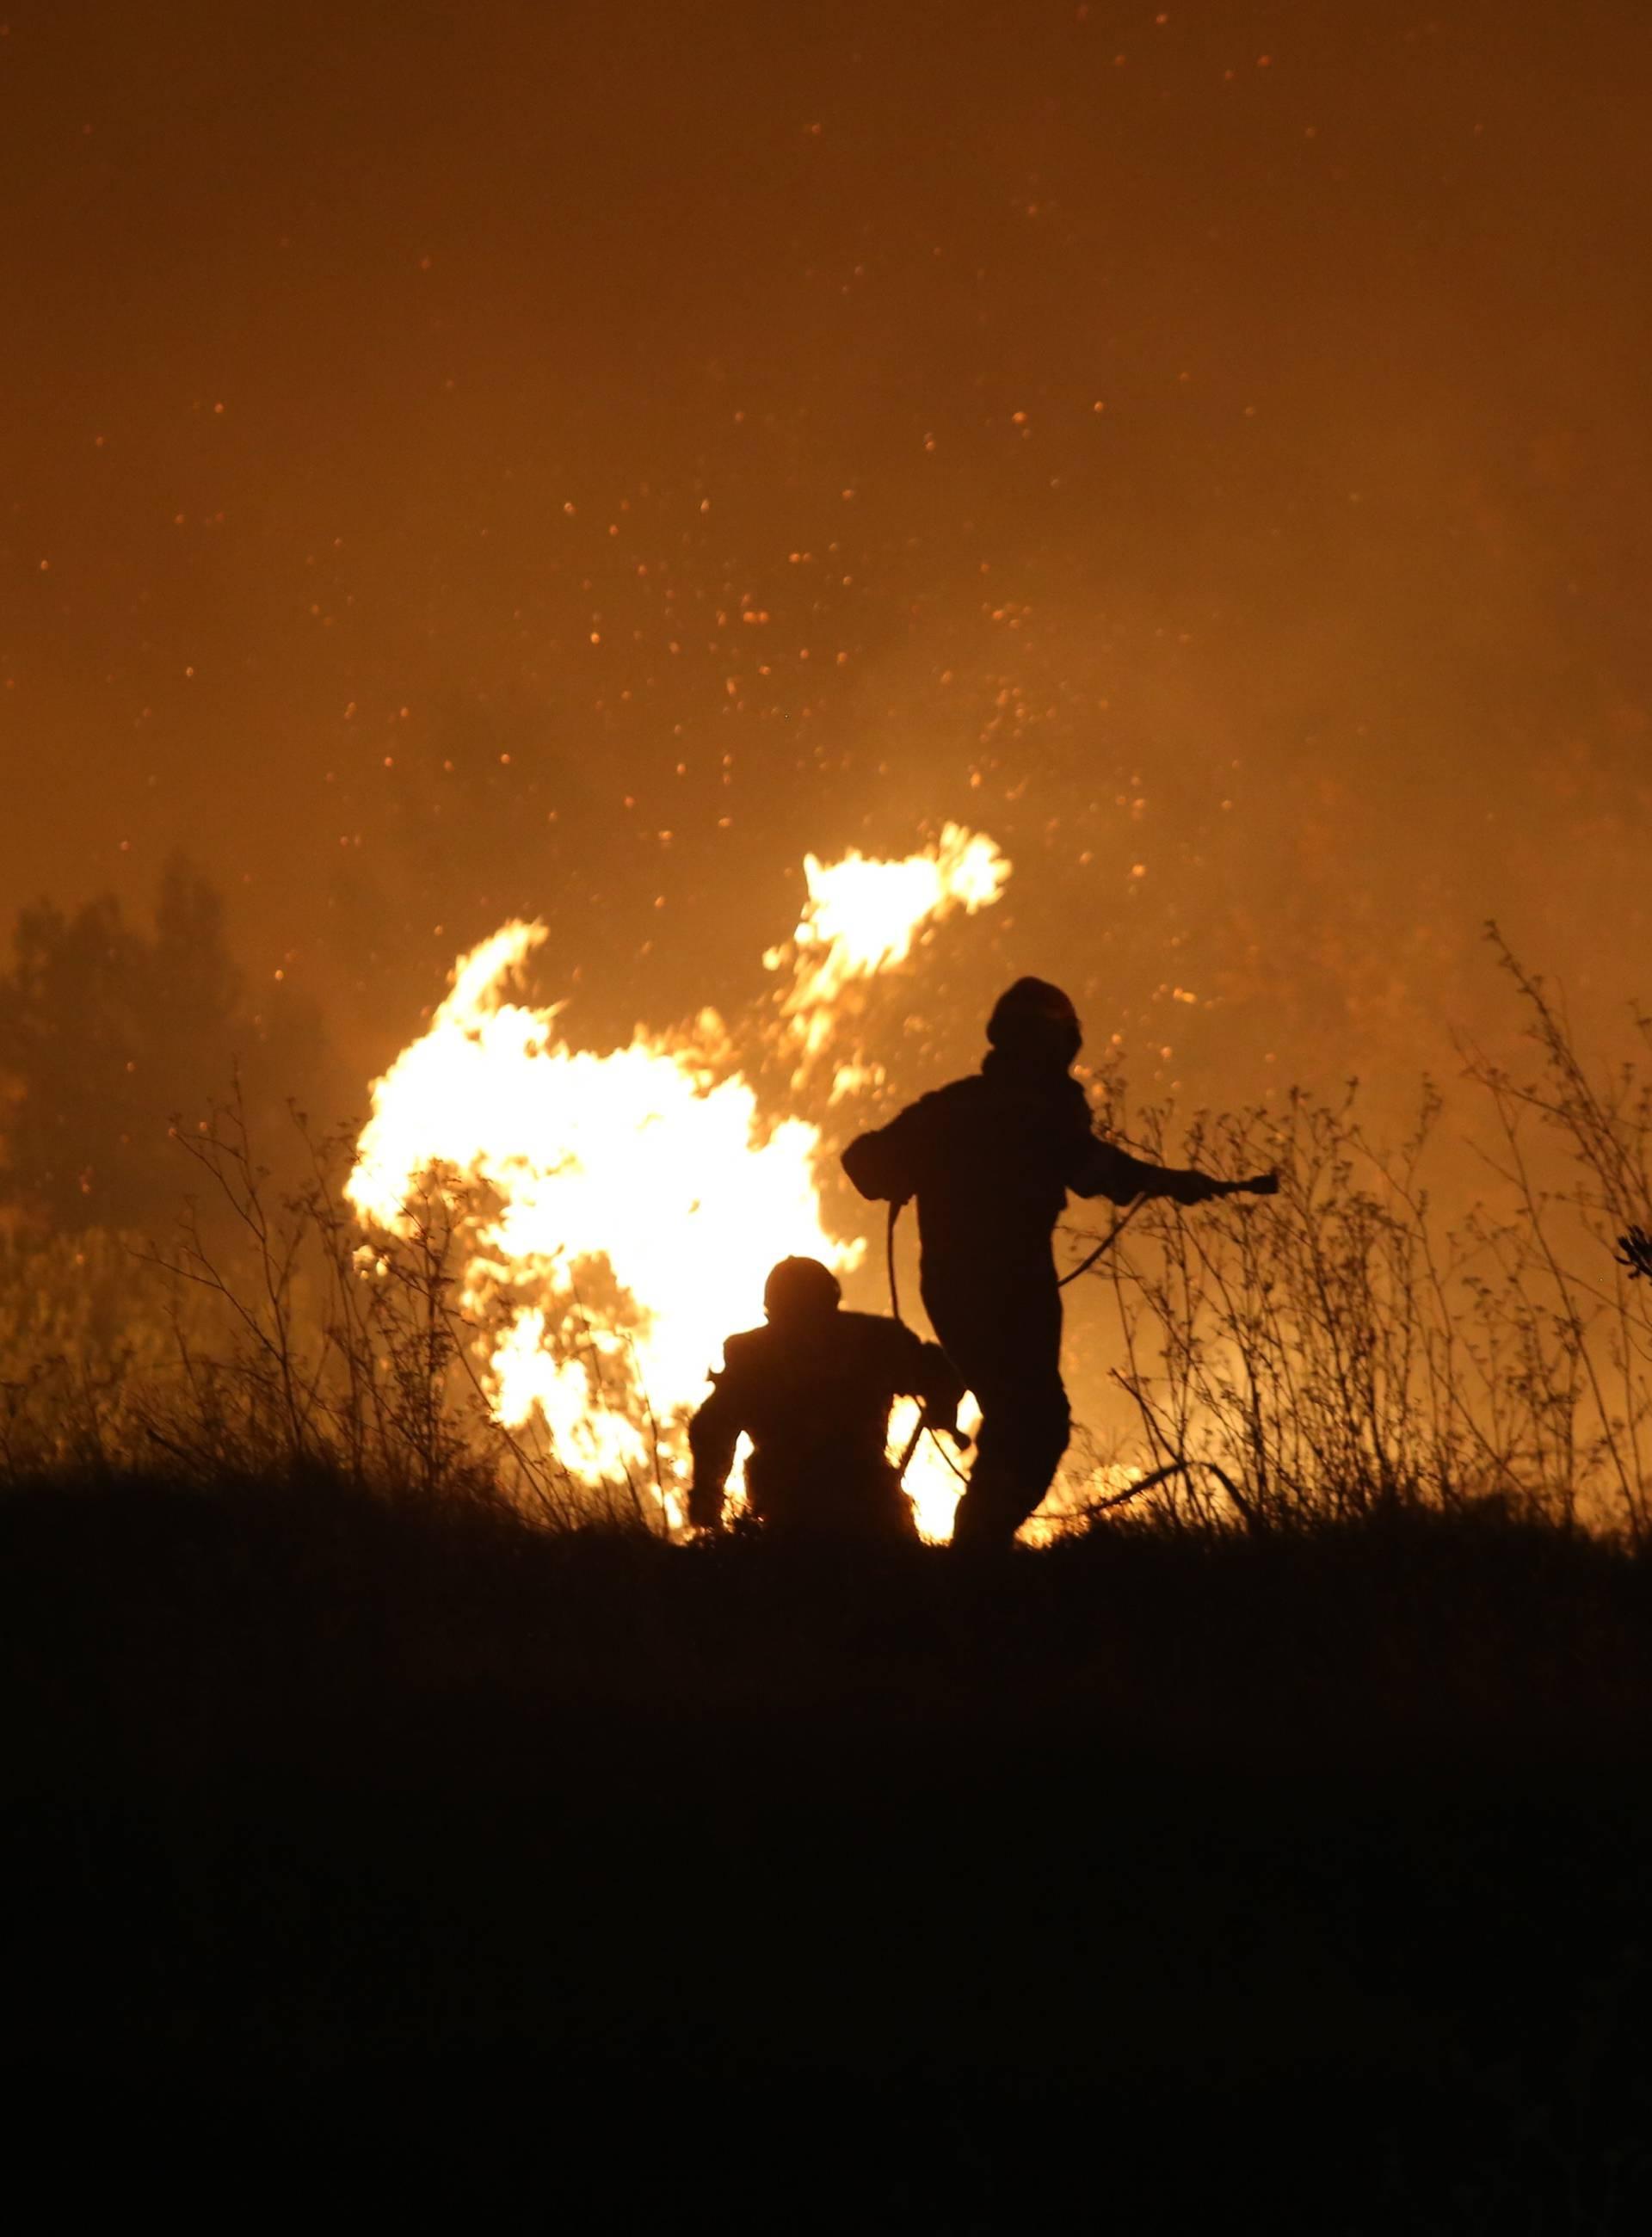 Požar kod Omiša uglavnom je ugašen: Počela je padati kiša